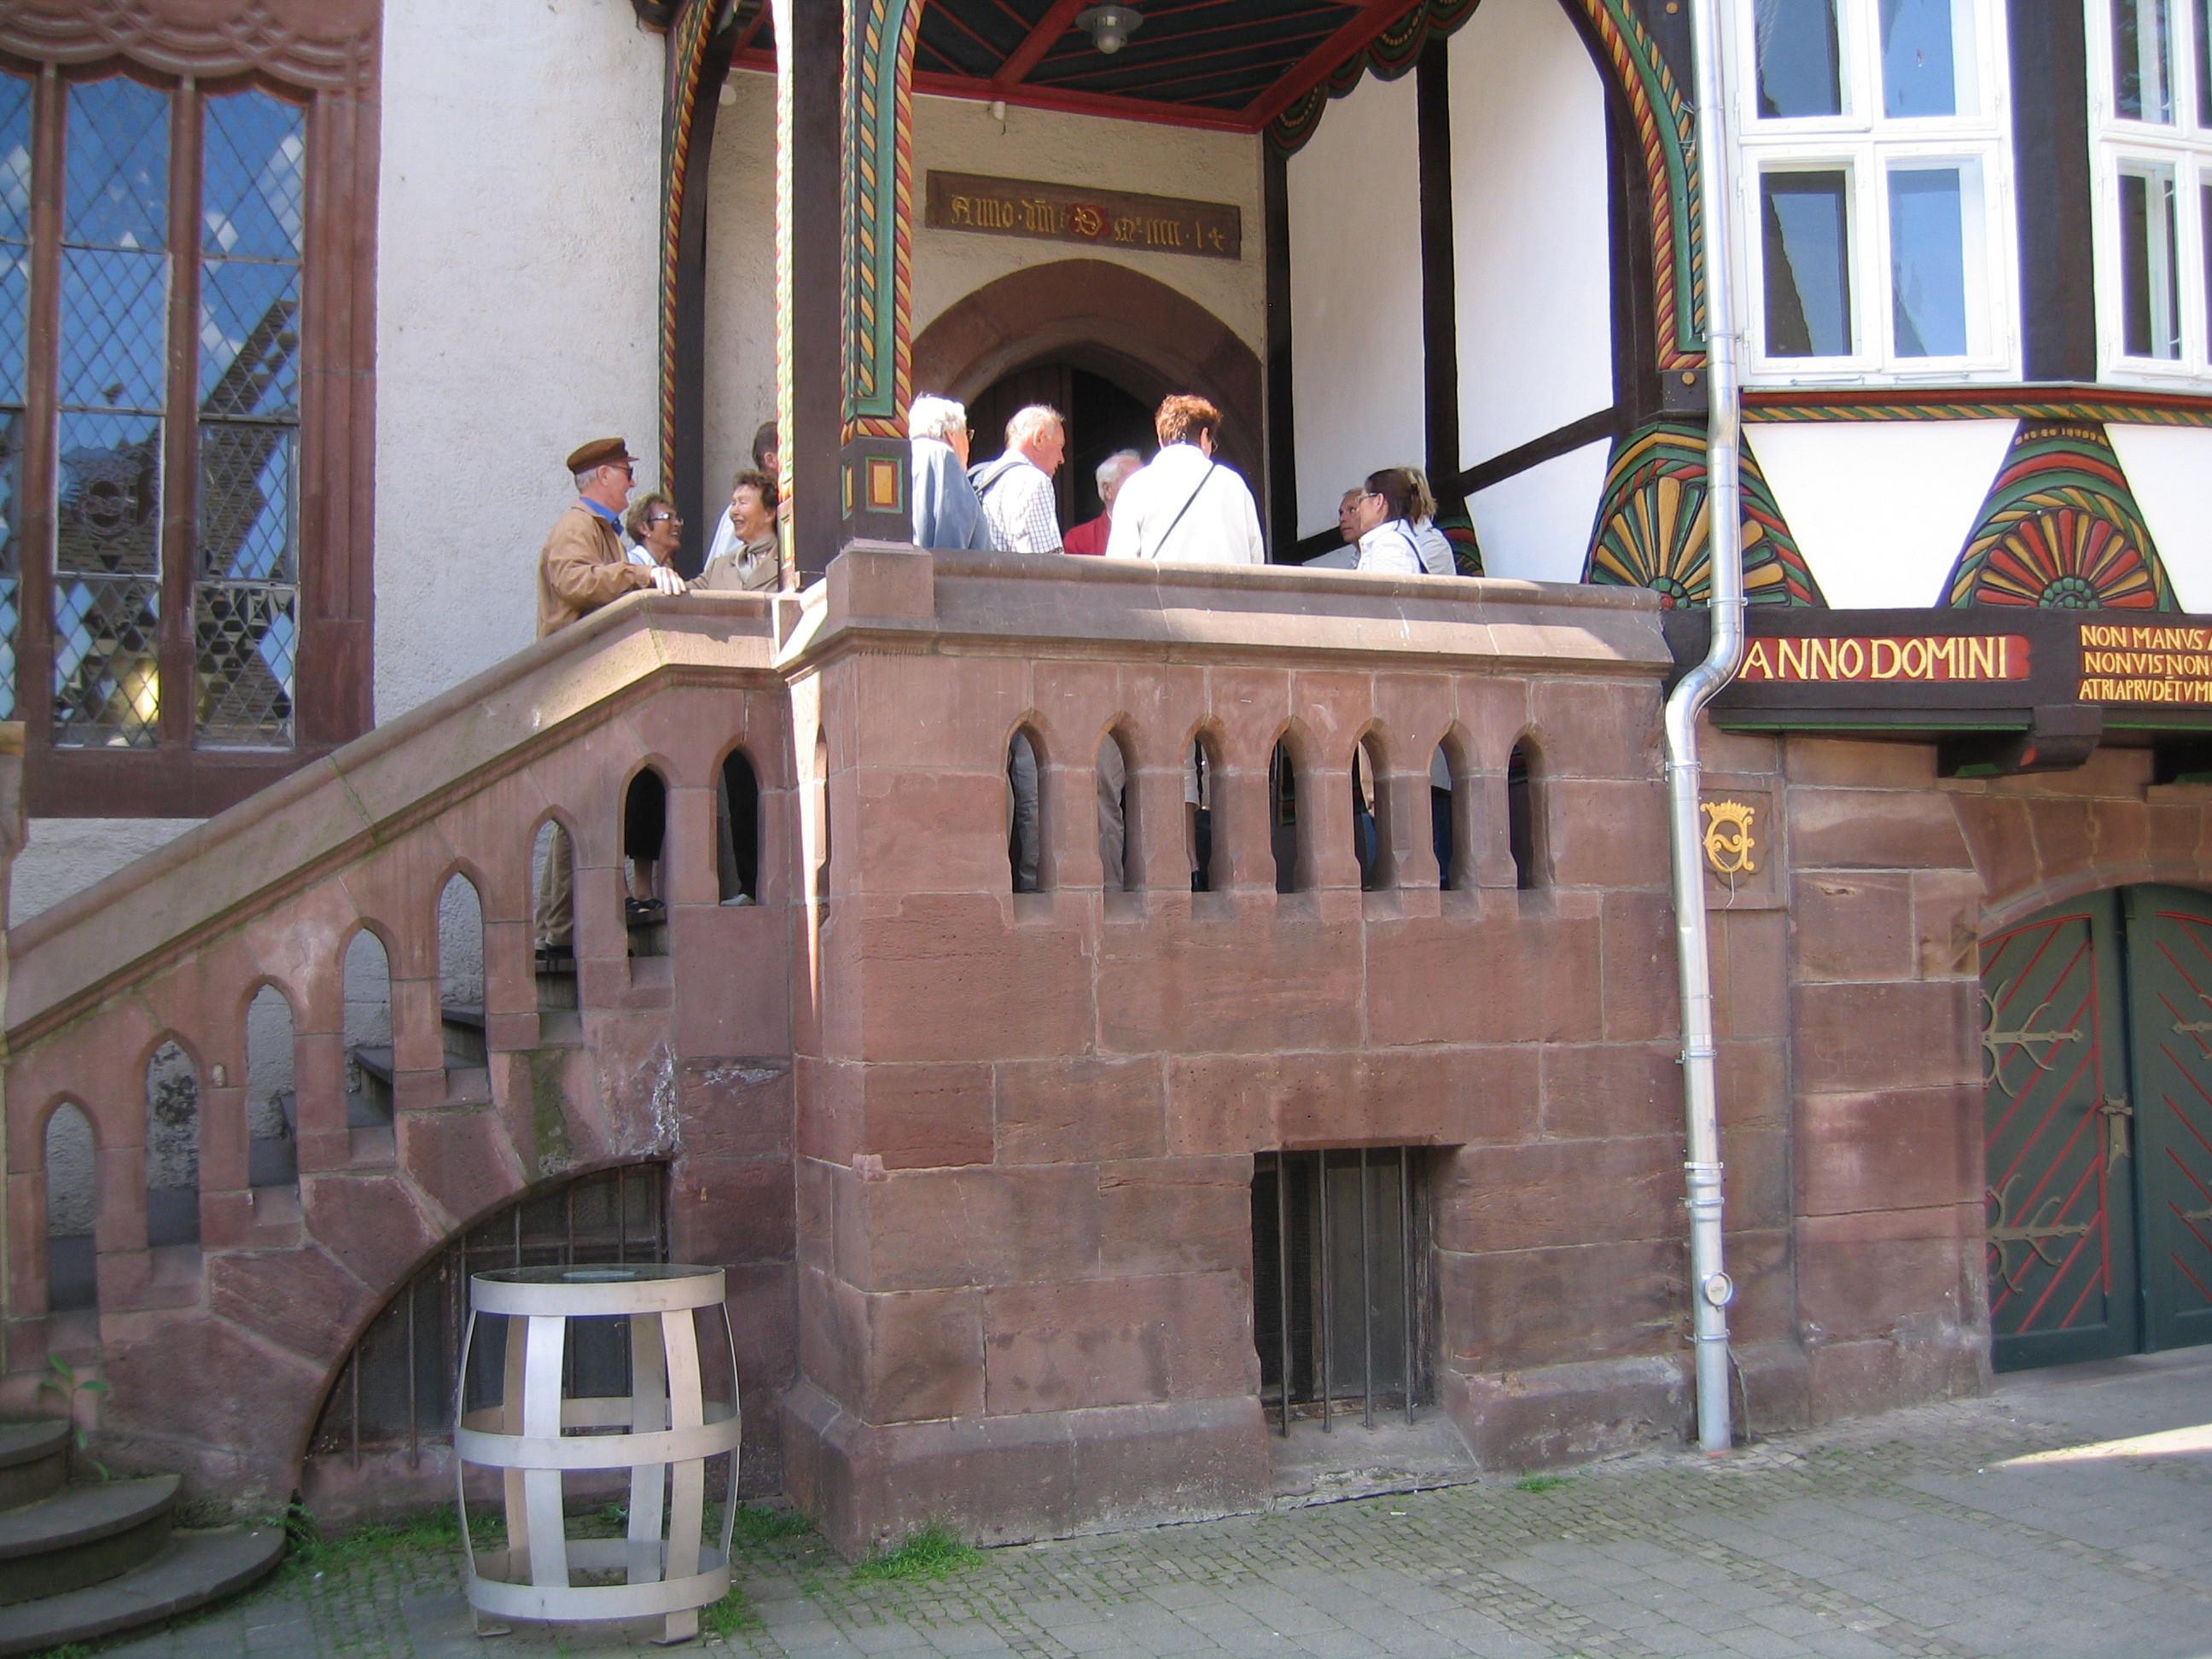 Bilde av Einbeck Rådhus trappen.